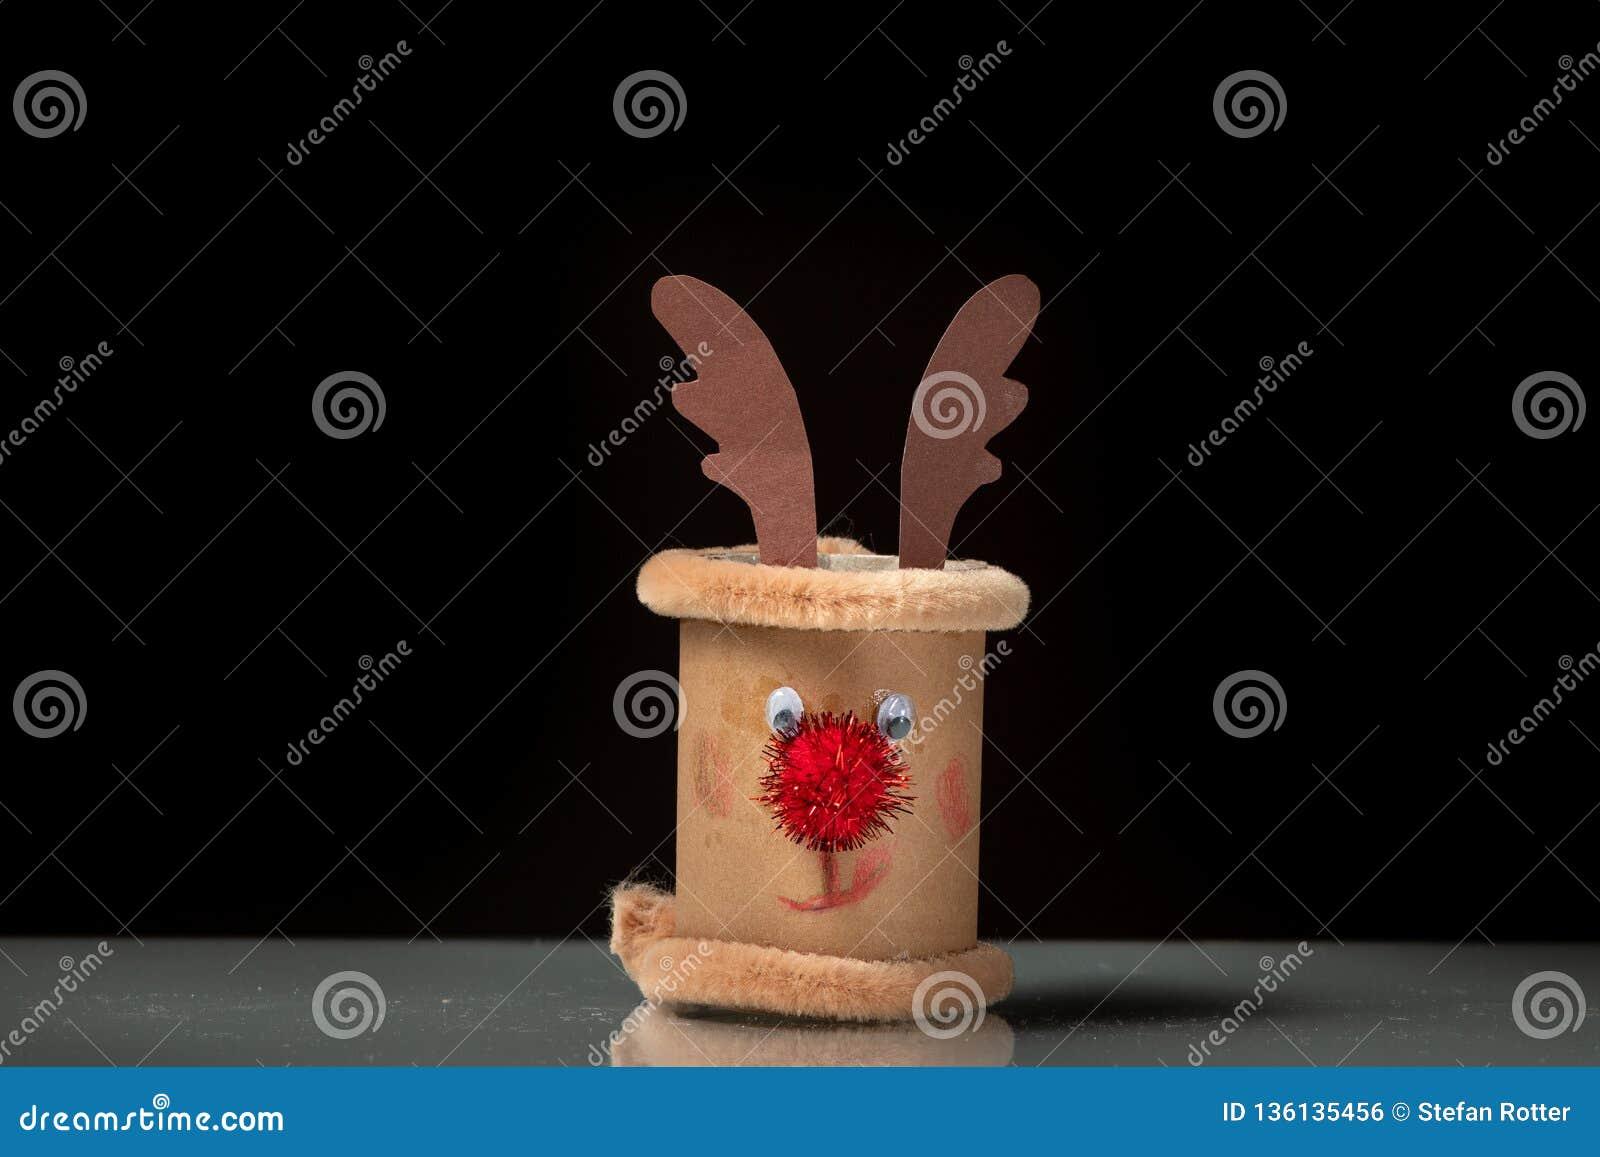 Una pequeña figura de un reno hecho de un rollo del papel higiénico por un niño